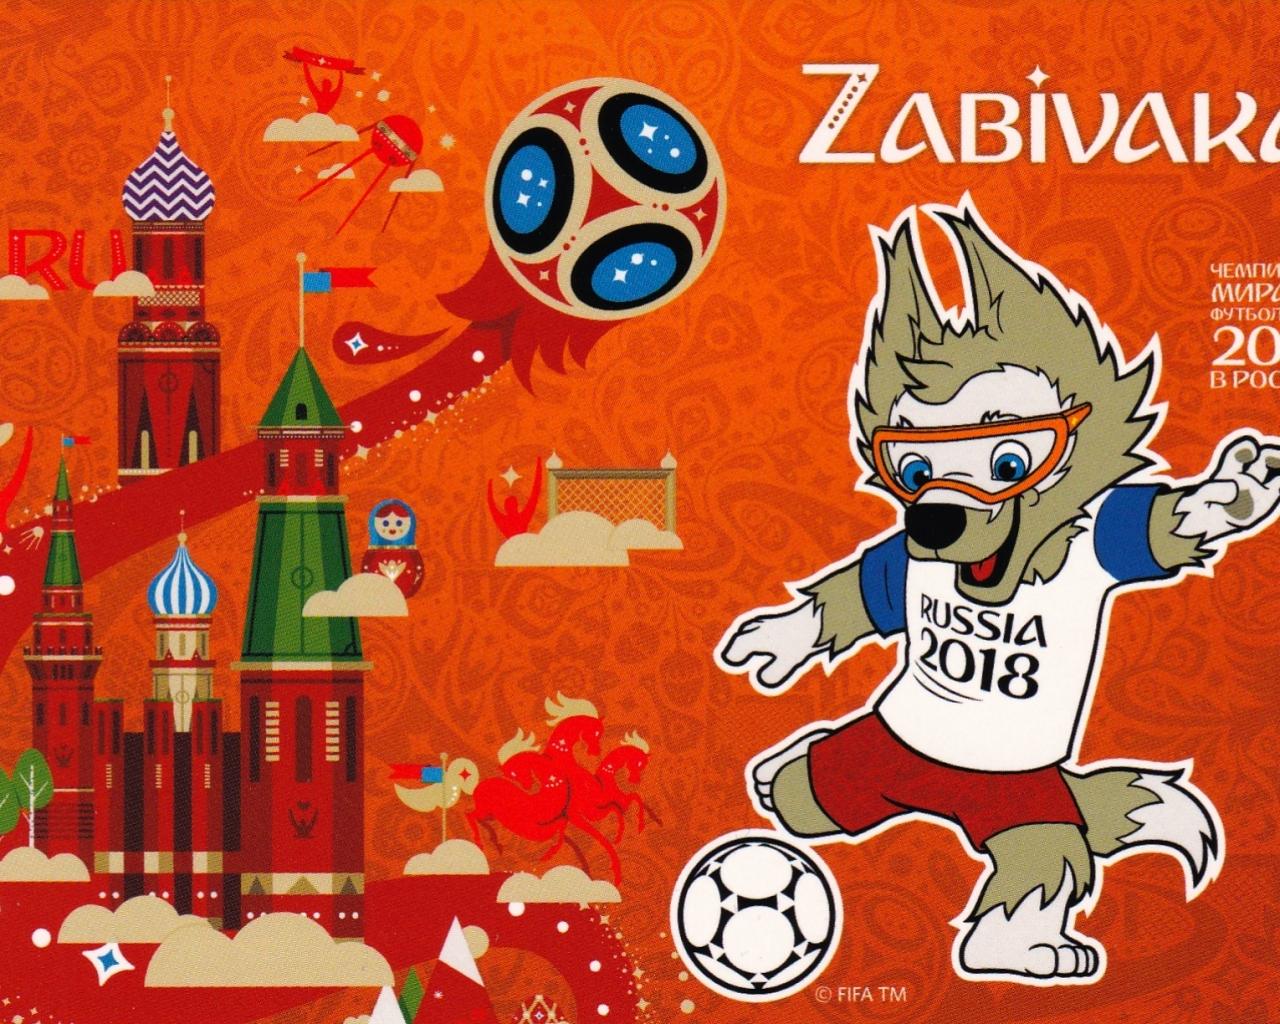 La Mascota del Mundial Rusia 2018 - 1280x1024